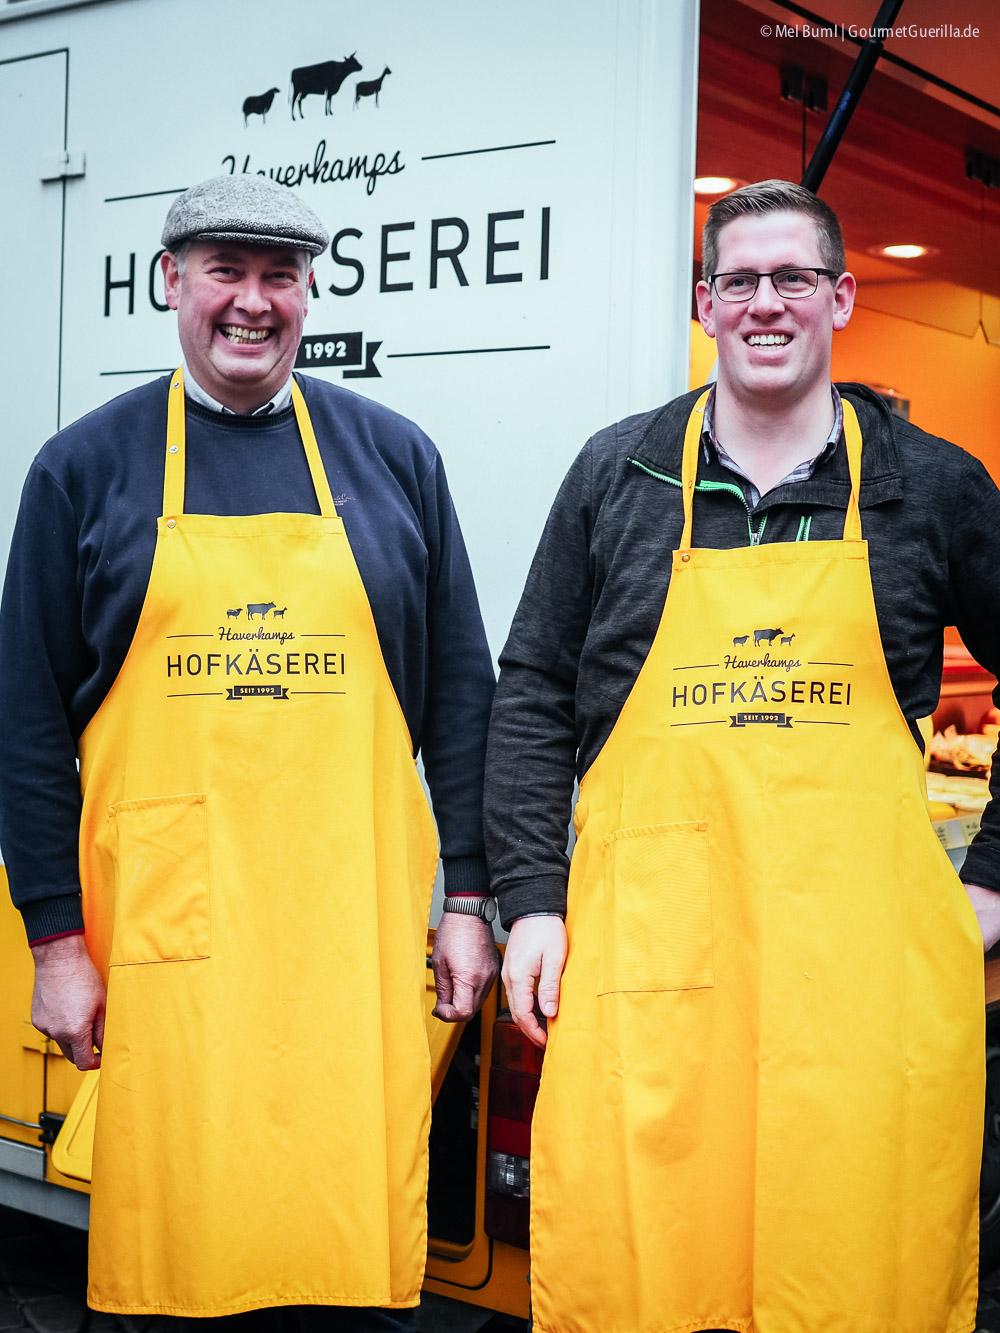 Bauernmarkt Oldenburg Hofkäserei haverkamp Digital durchstarten |GourmetGuerilla.de